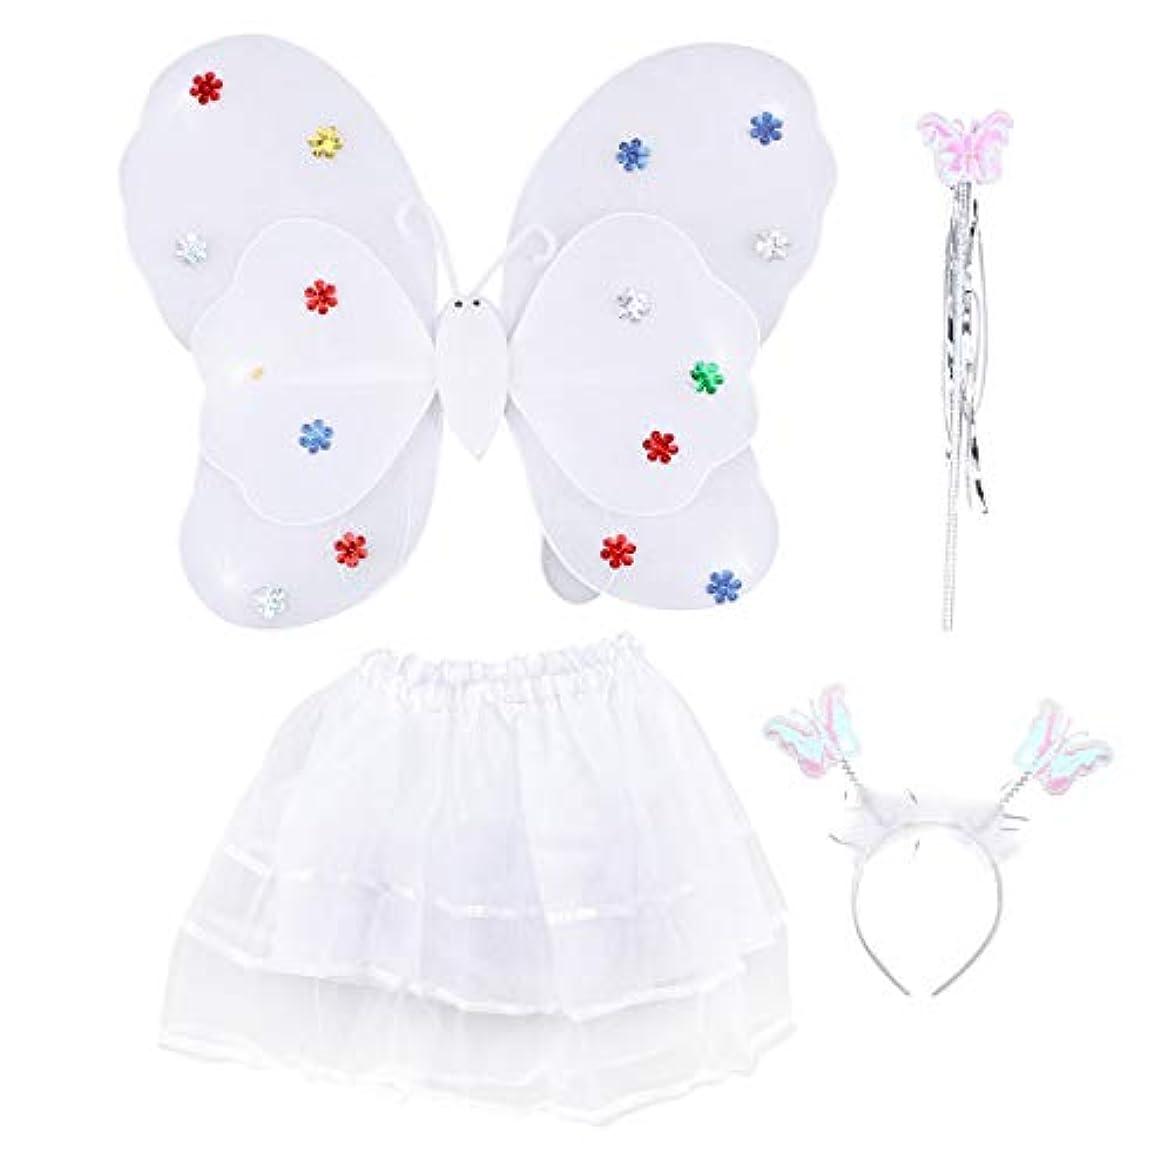 繁雑より食事を調理するAmosfun 4ピース女の子の妖精の王女の衣装セットLEDライトアップバタフライウィングワンドヘッドバンドチュチュスカート女の子のための子供子供(白)